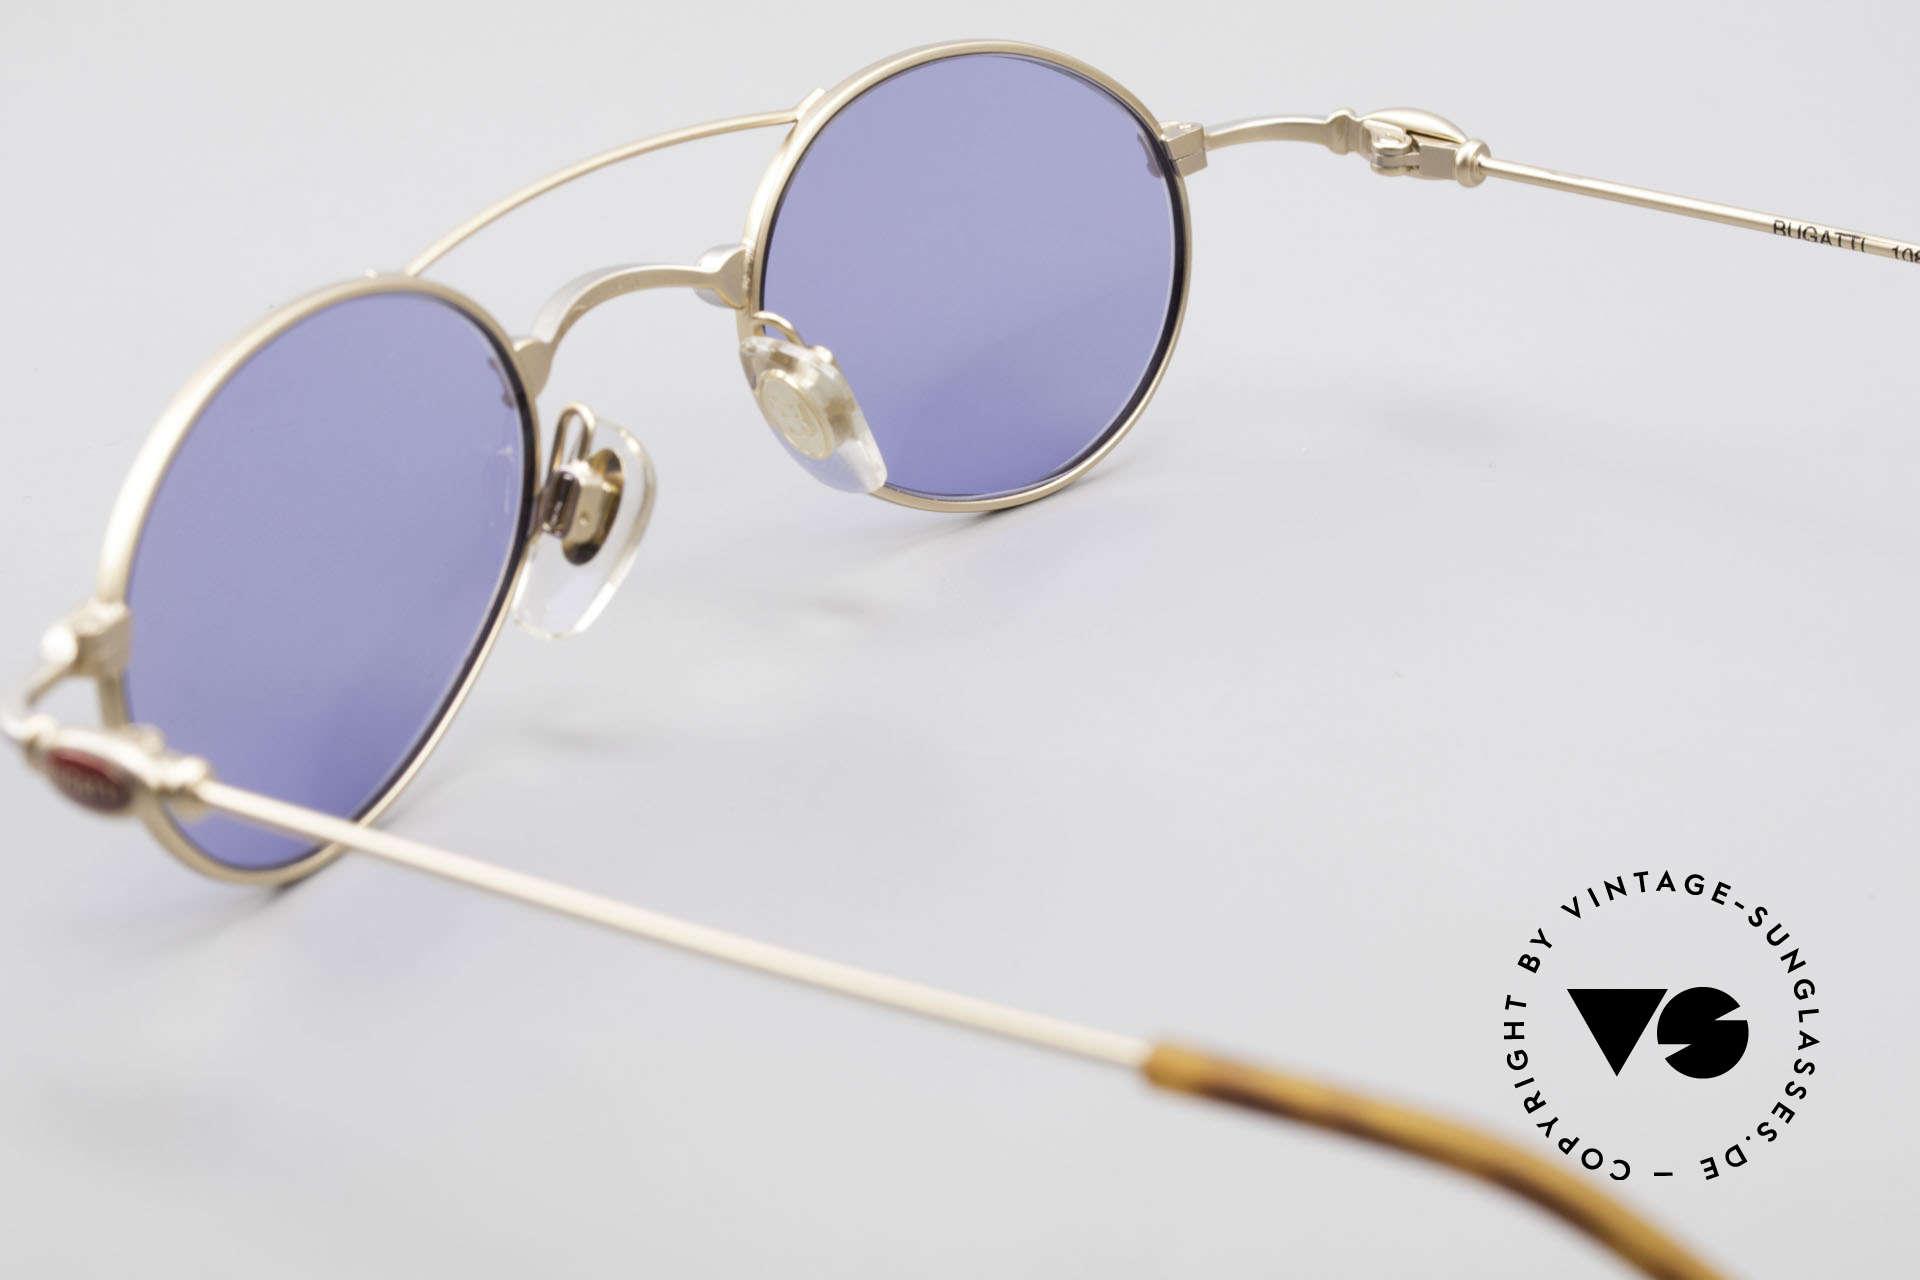 Bugatti 10868 Luxus Herren Sonnenbrille, Sonnengläser können ggf. durch optische ersetzt werden, Passend für Herren